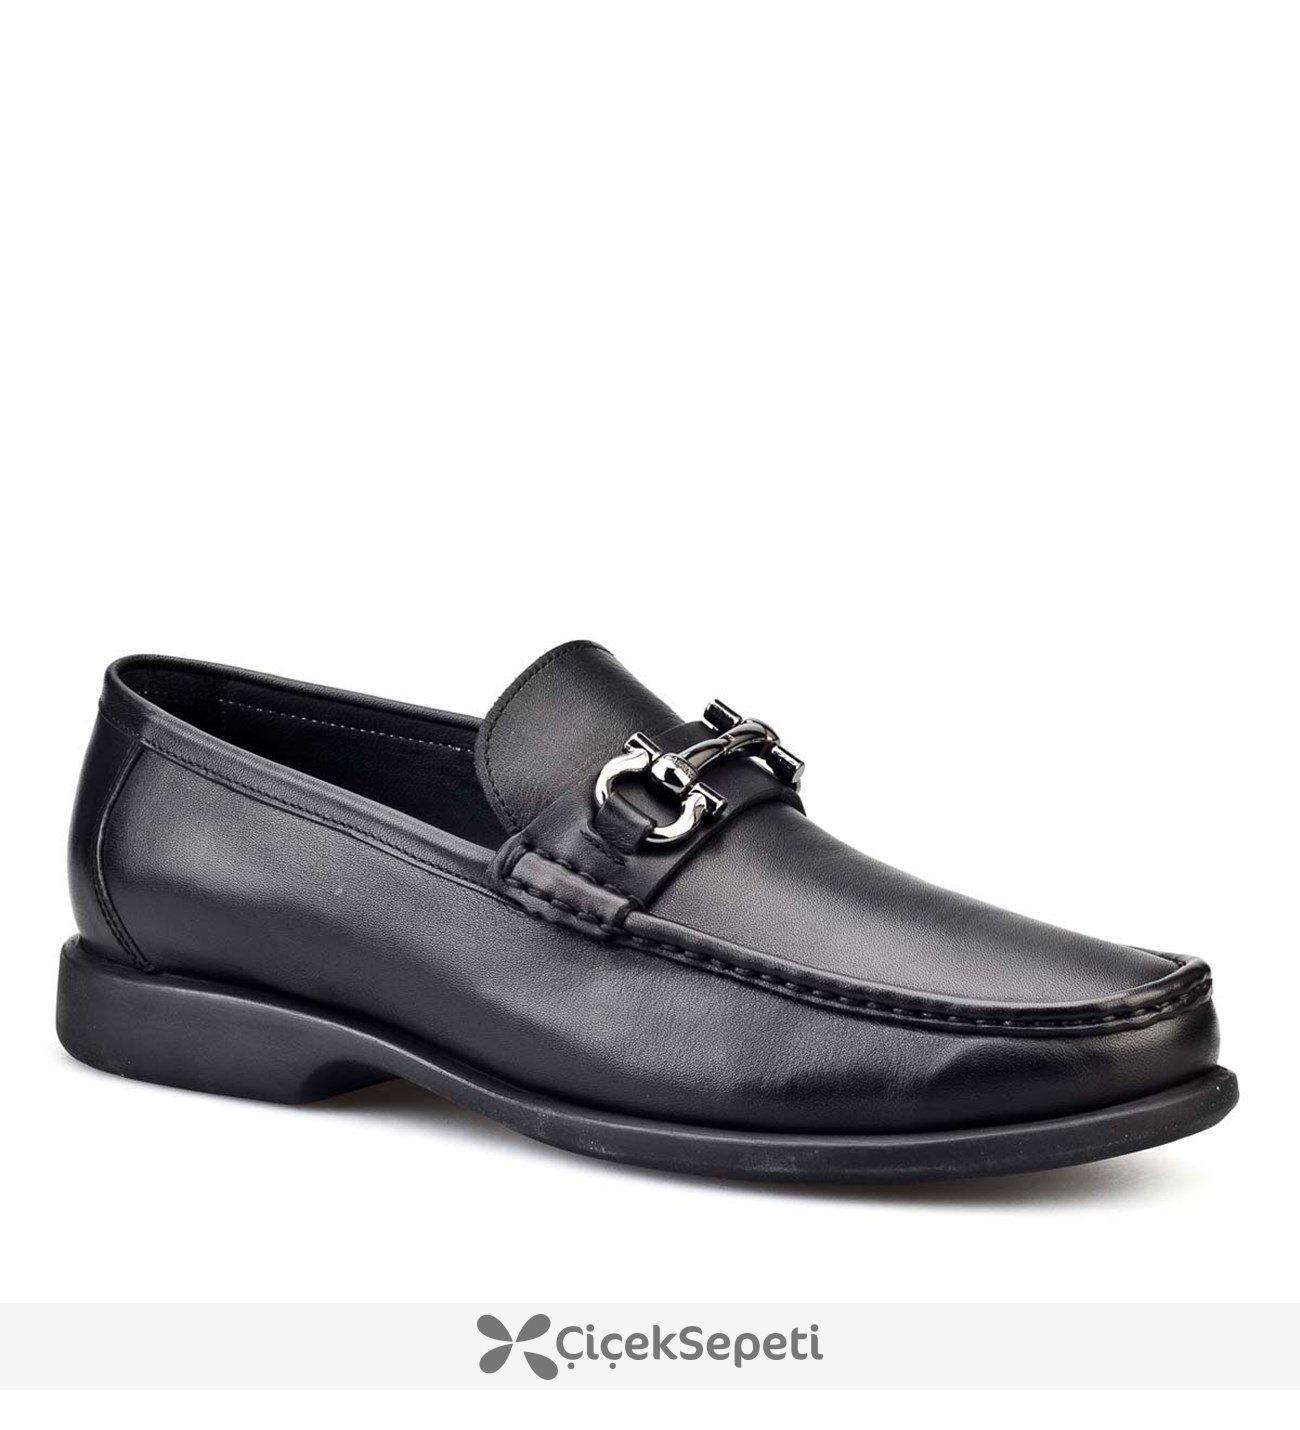 Cabani Tokalı Günlük Erkek Ayakkabı Siyah Flap Deri